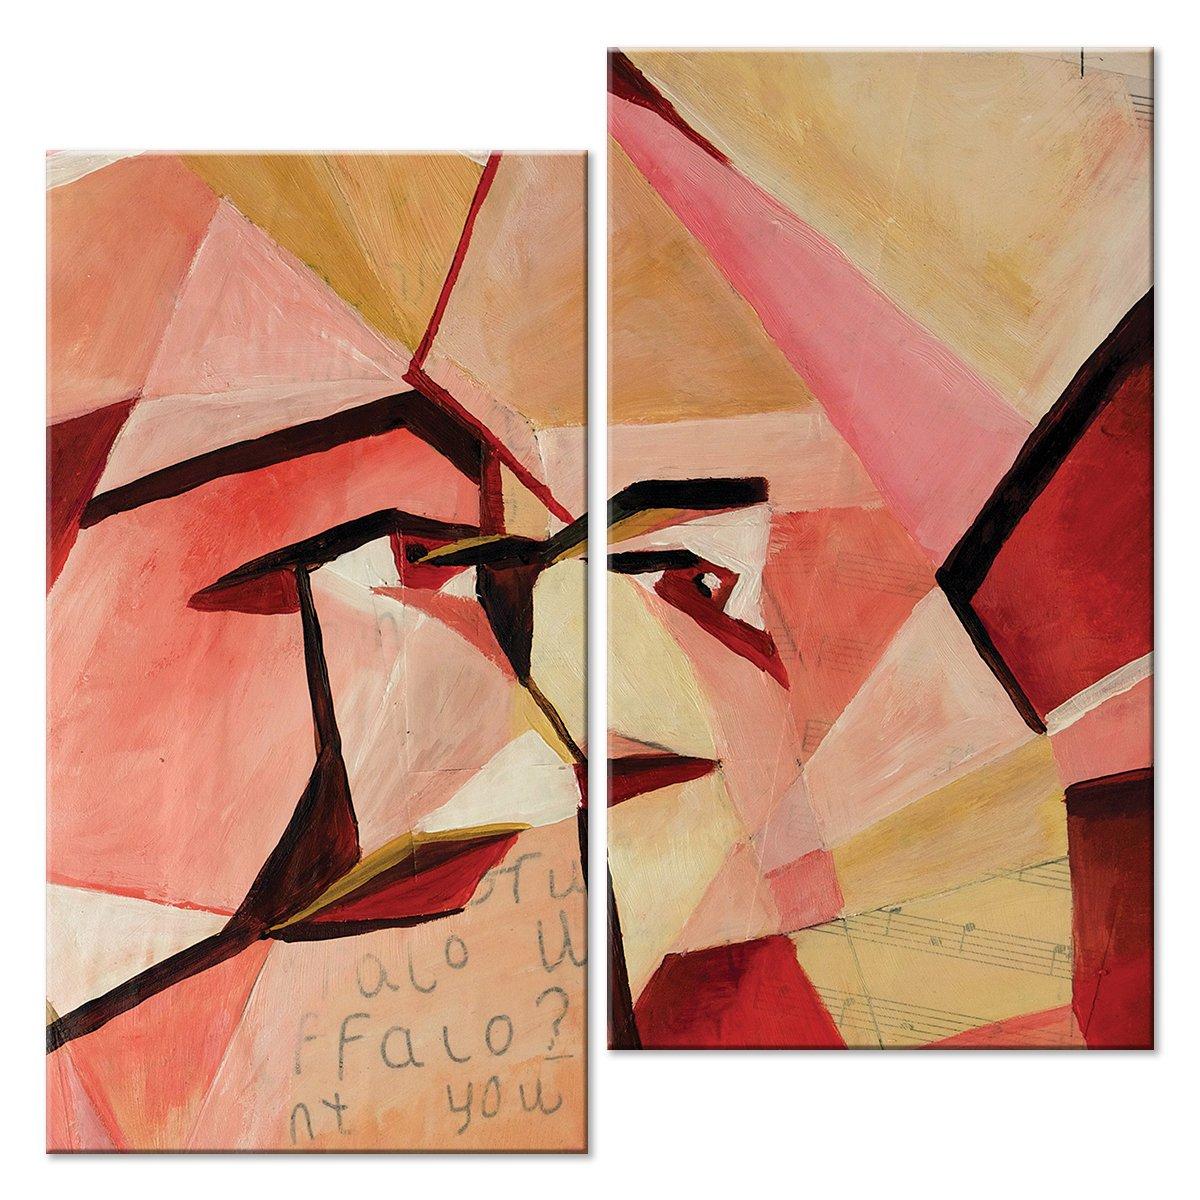 Модульная картина «По мотивам Пикассо»Абстракция<br>Модульная картина на натуральном холсте и деревянном подрамнике. Подвес в комплекте. Трехслойная надежная упаковка. Доставим в любую точку России. Вам осталось только повесить картину на стену!<br>